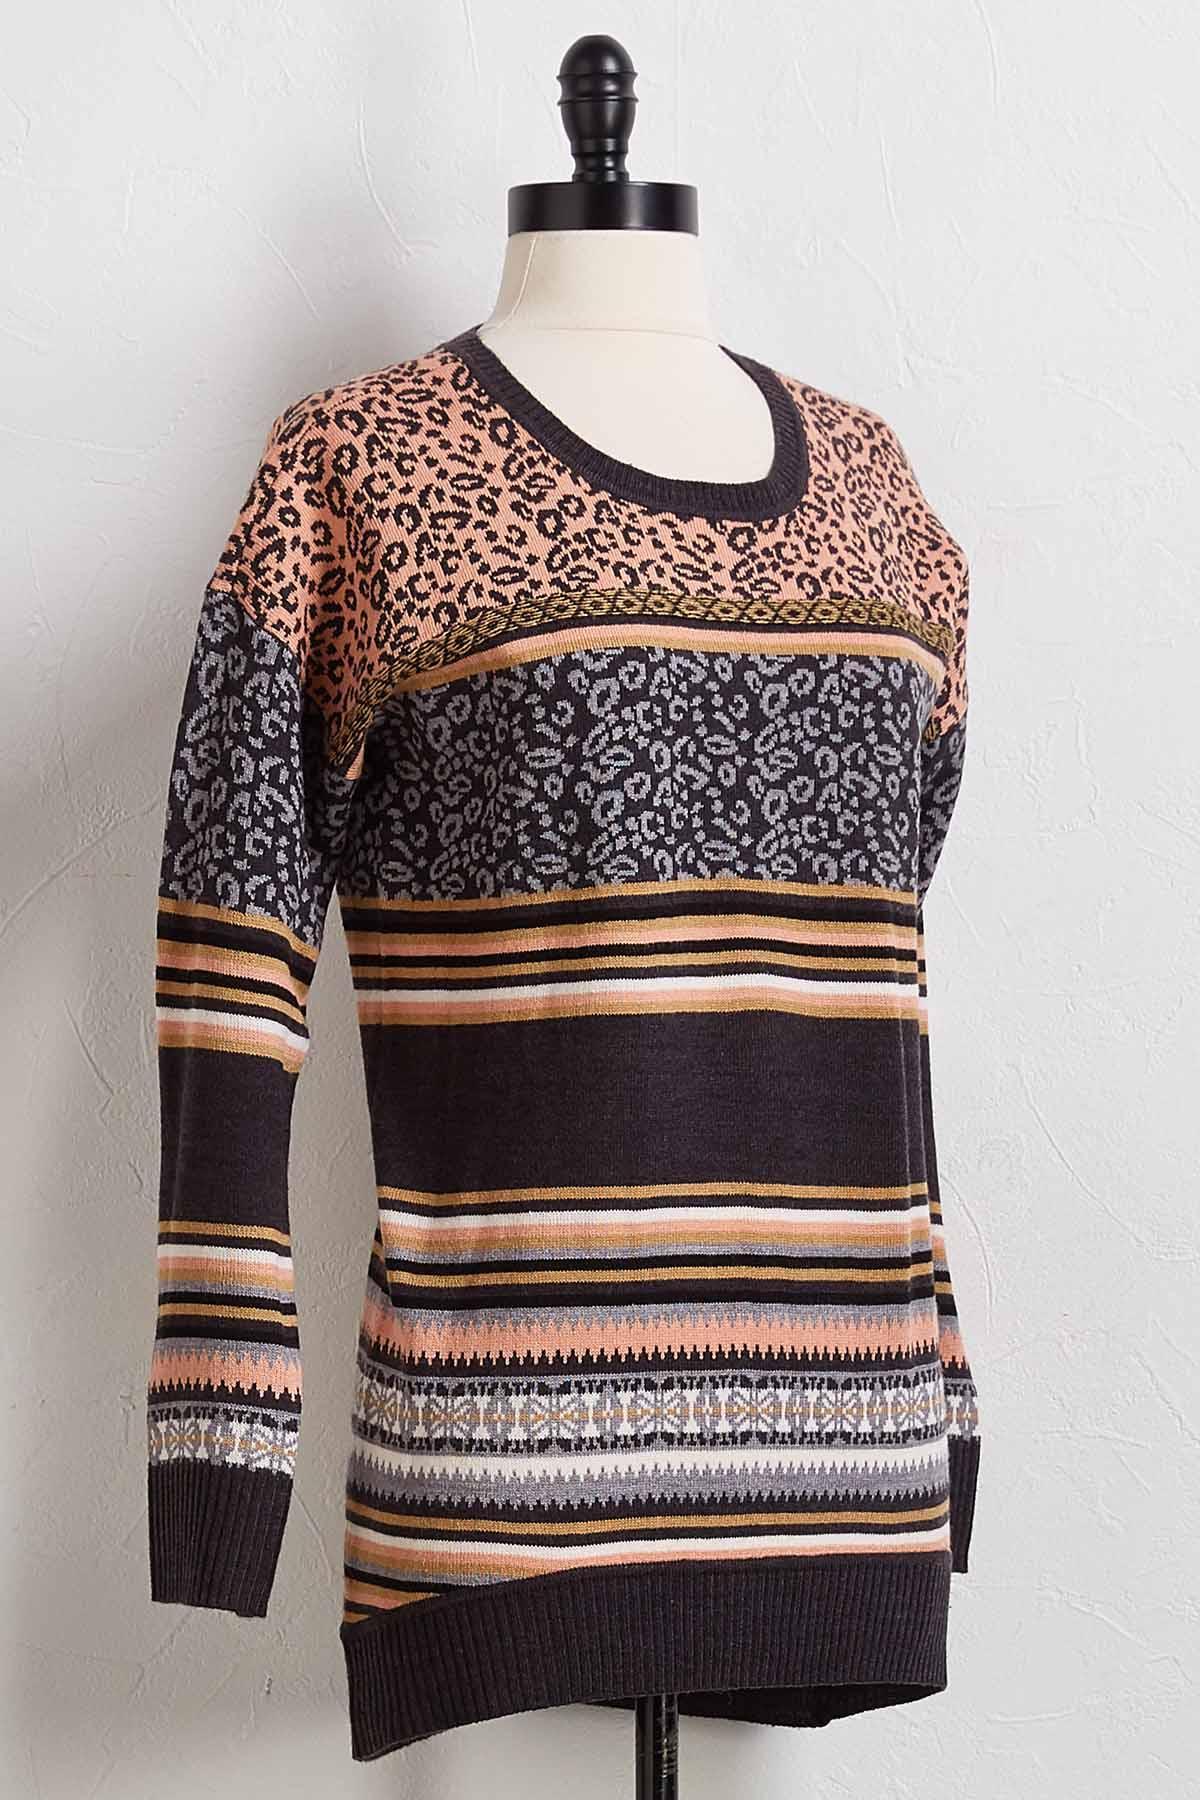 Cheetahs Never Win Sweater